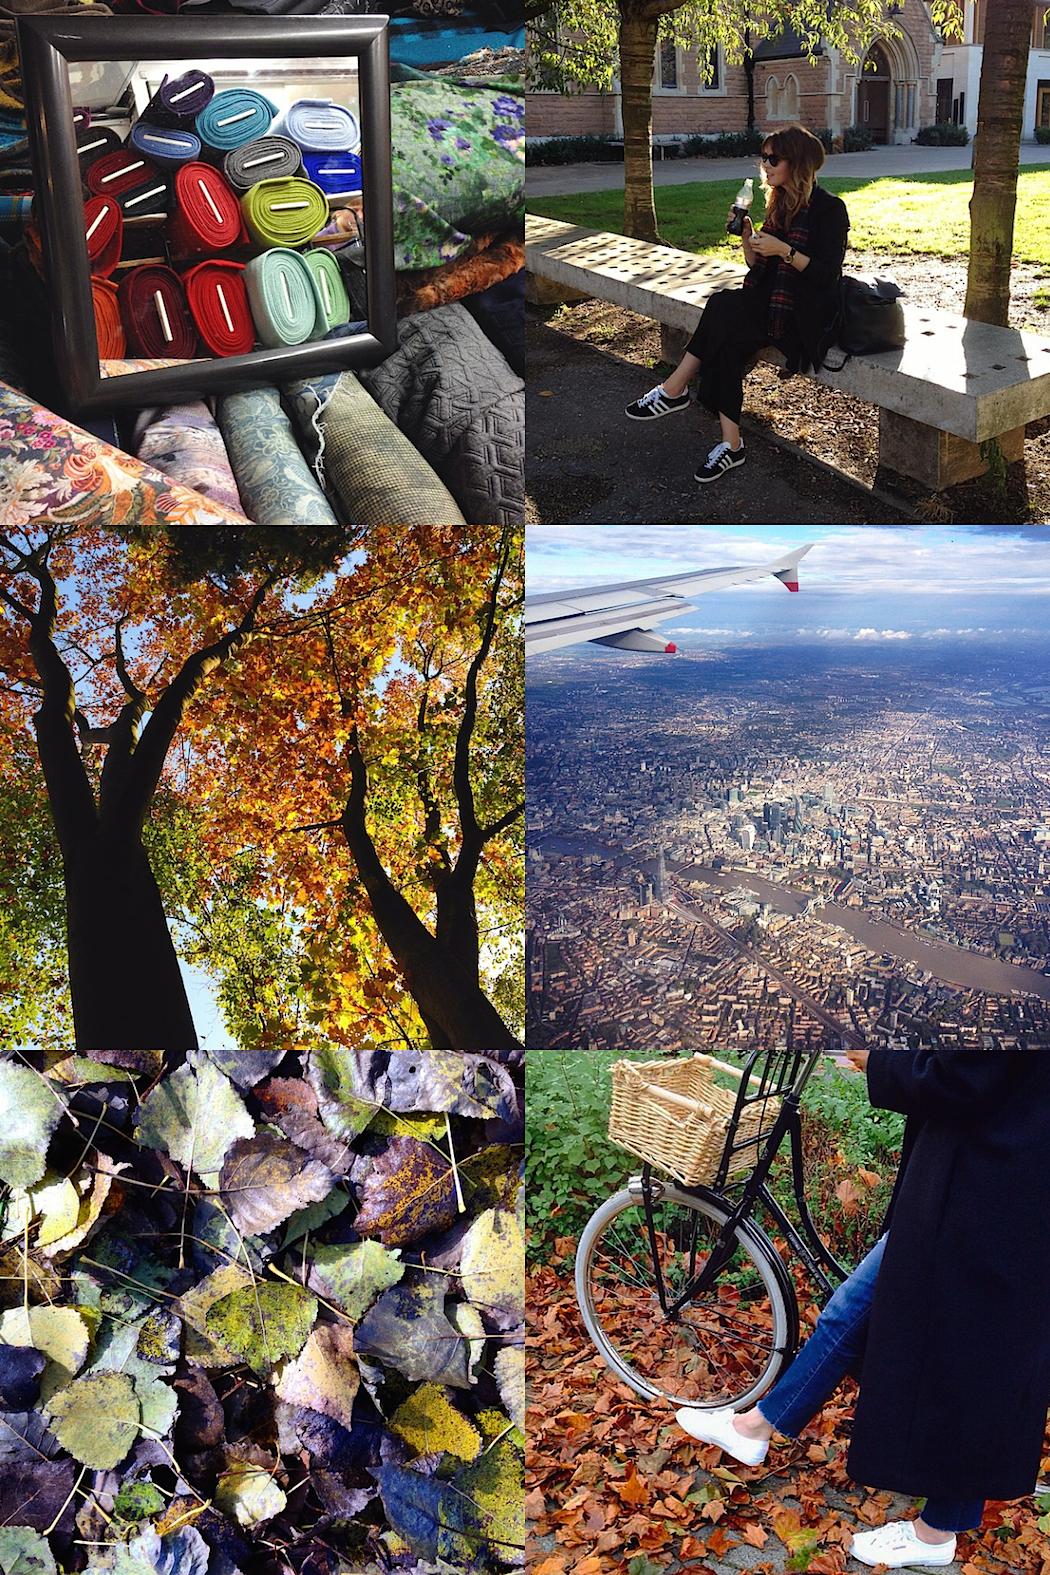 October-2014-Instagram-fash-n-chips.com-.jpg